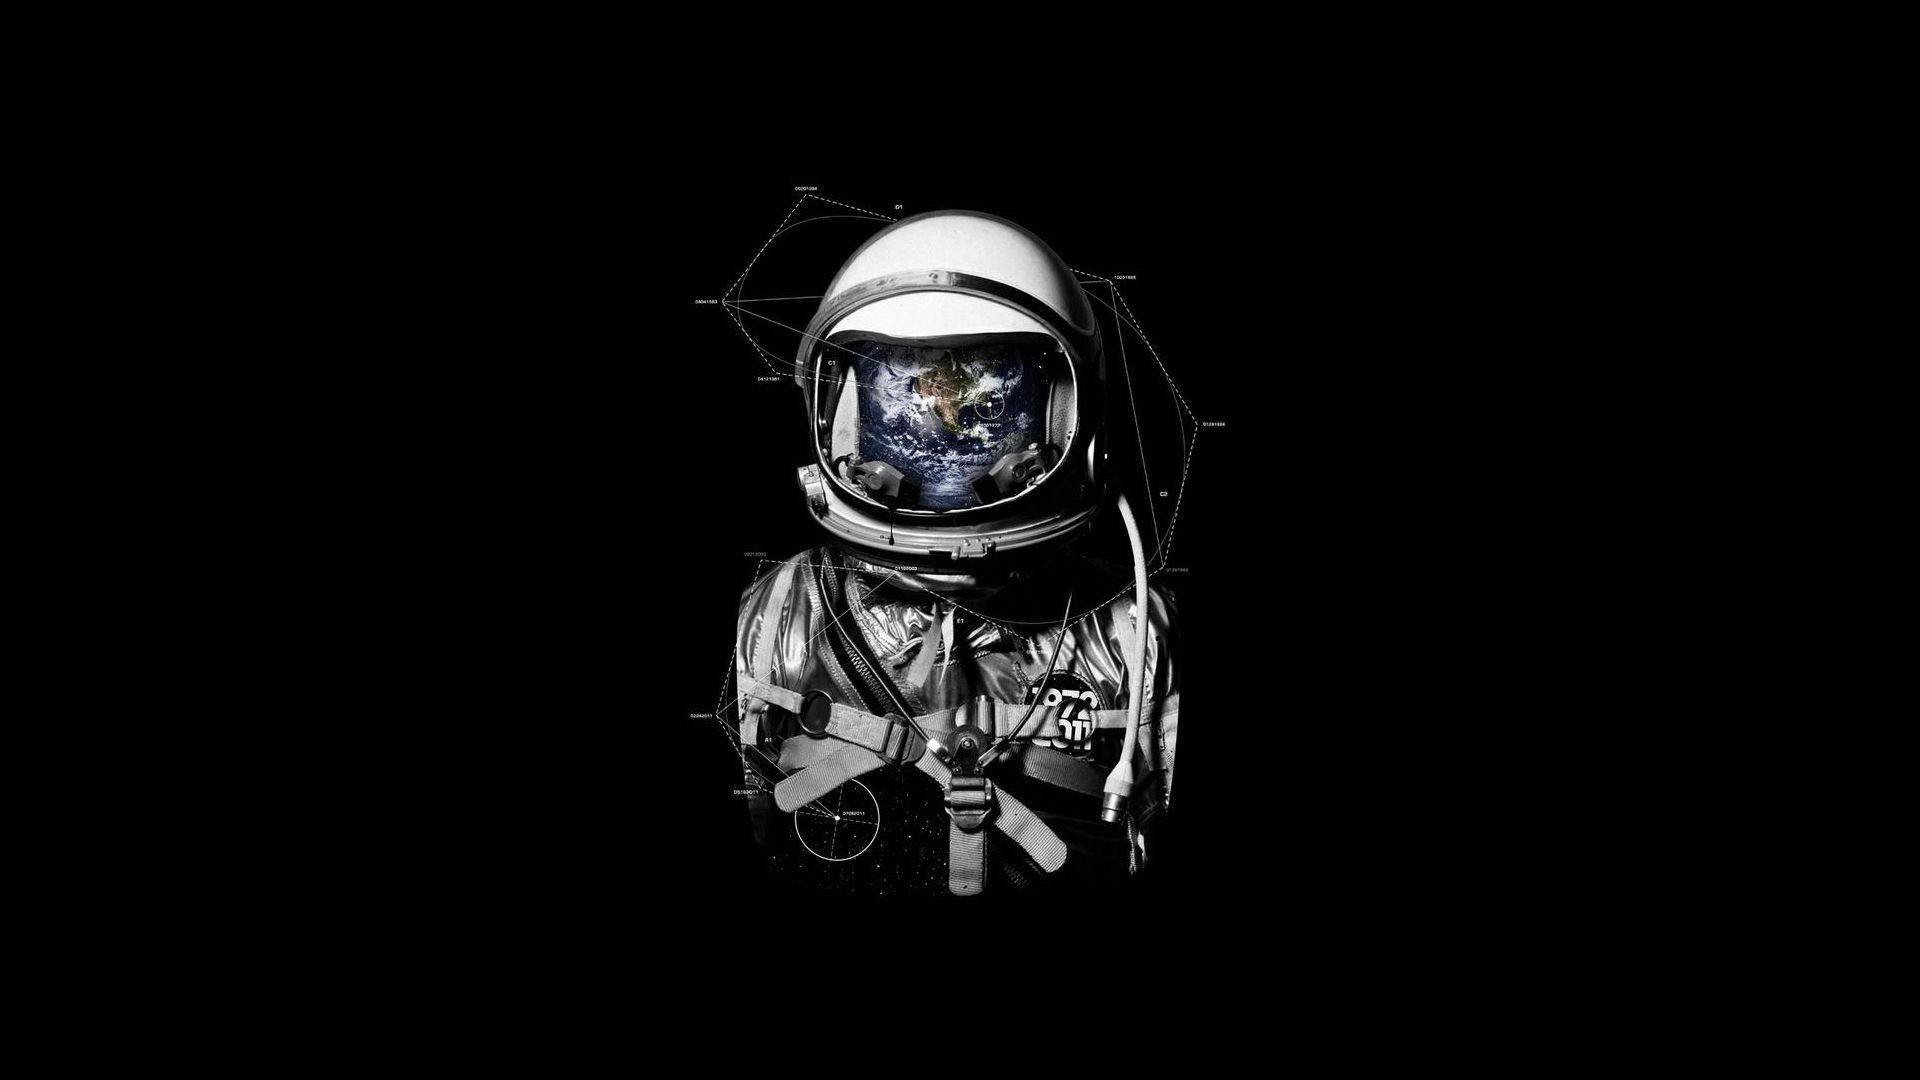 Surreal Astronaut Wallpapers Desktop